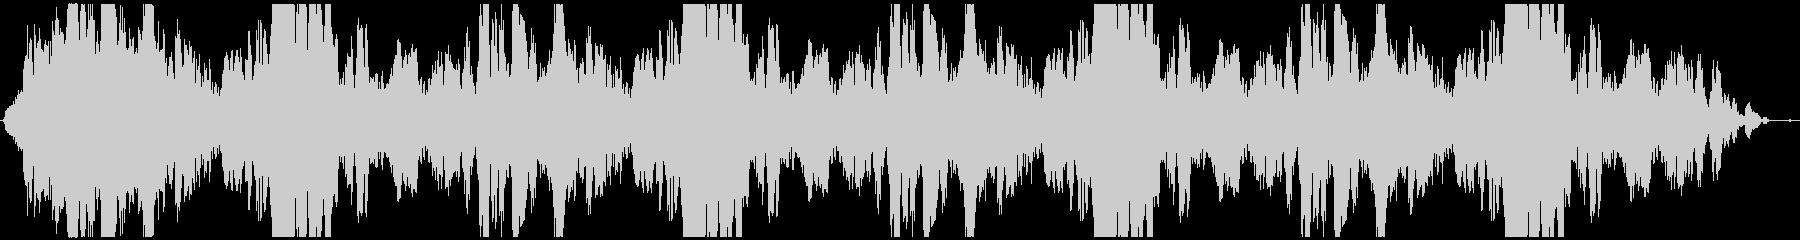 ドローン スプライス03の未再生の波形